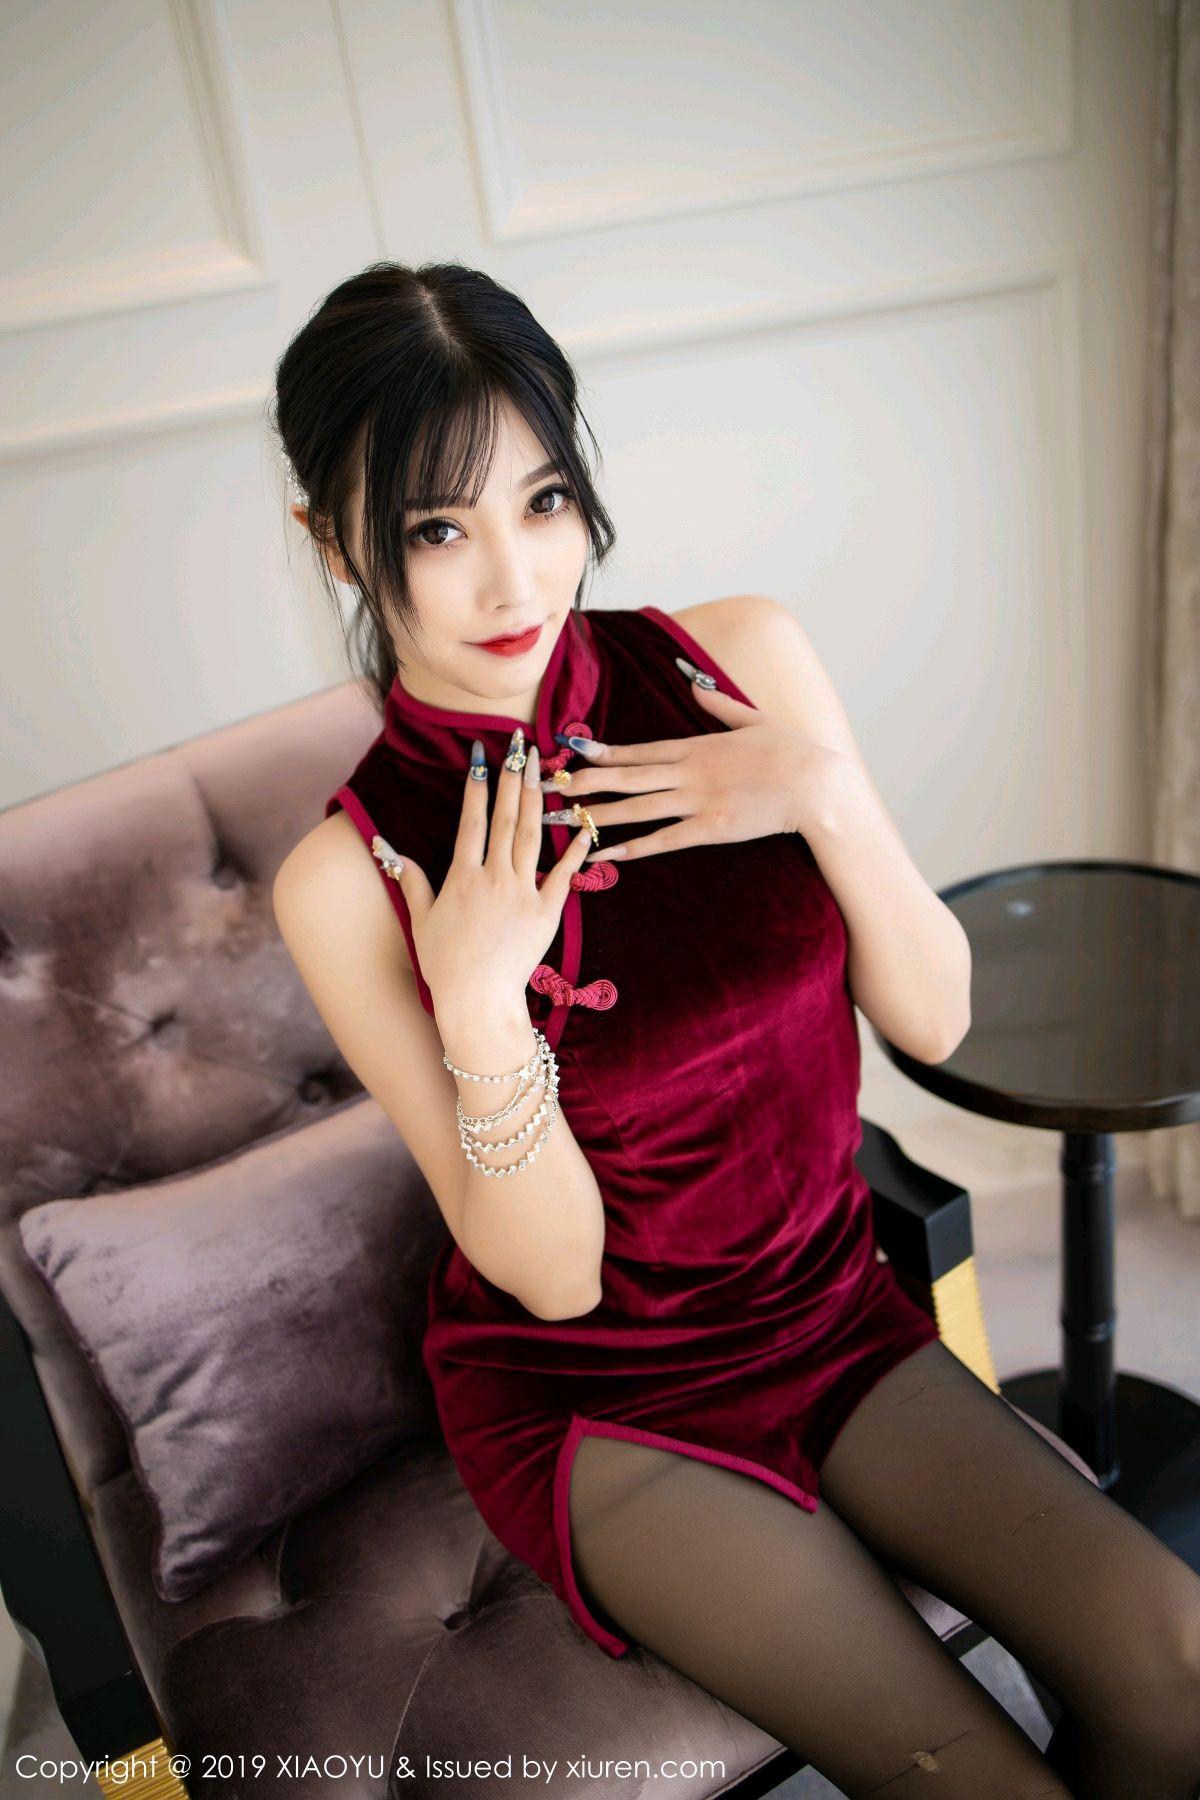 [XiaoYu] Vol.152 Yang Chen Chen 5P, Black Silk, Cheongsam, Tall, XiaoYu, Yang Chen Chen